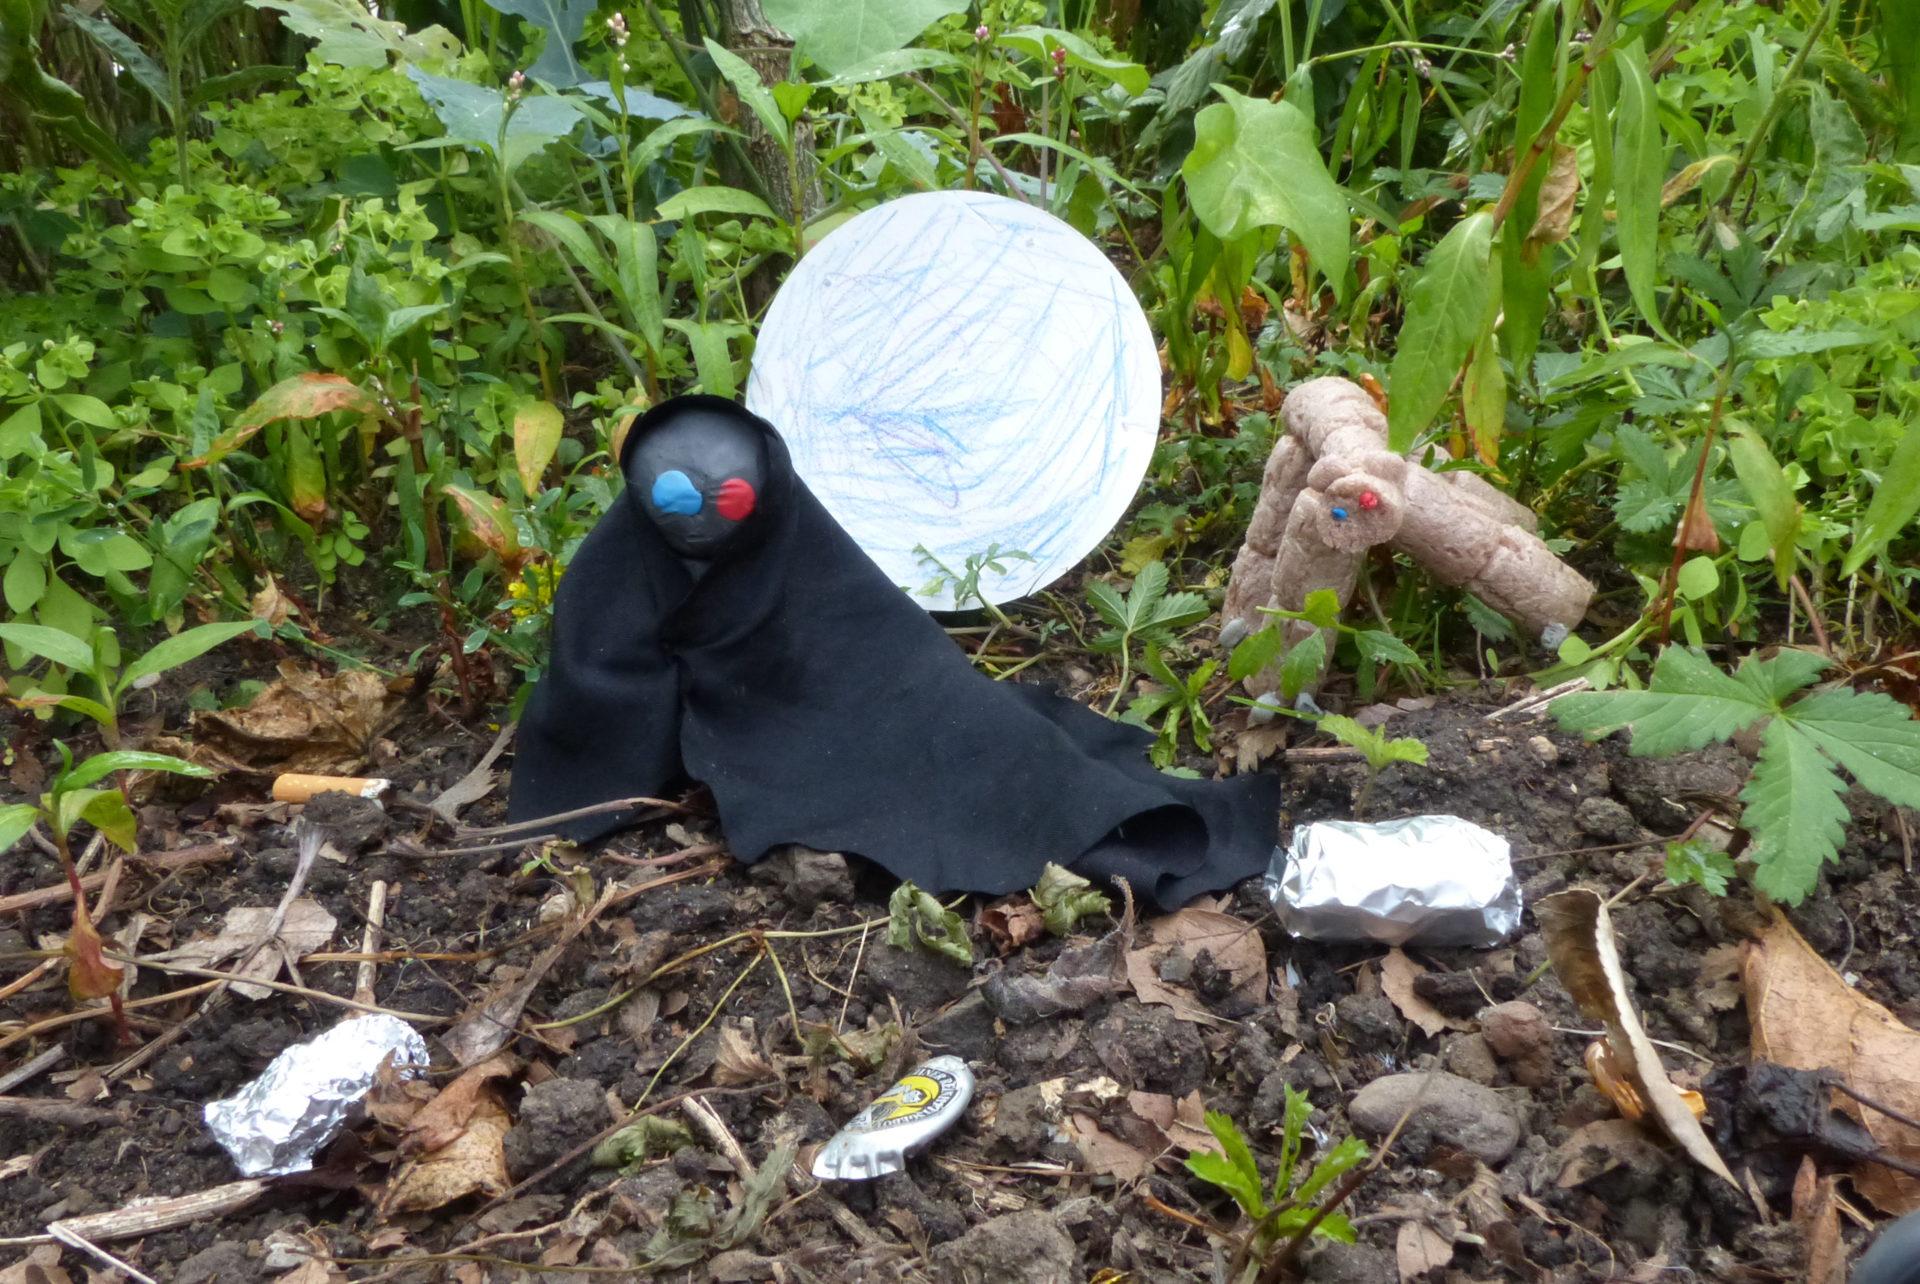 Männchen aus Knete und Stoff im Gebüsch zwischen Müll